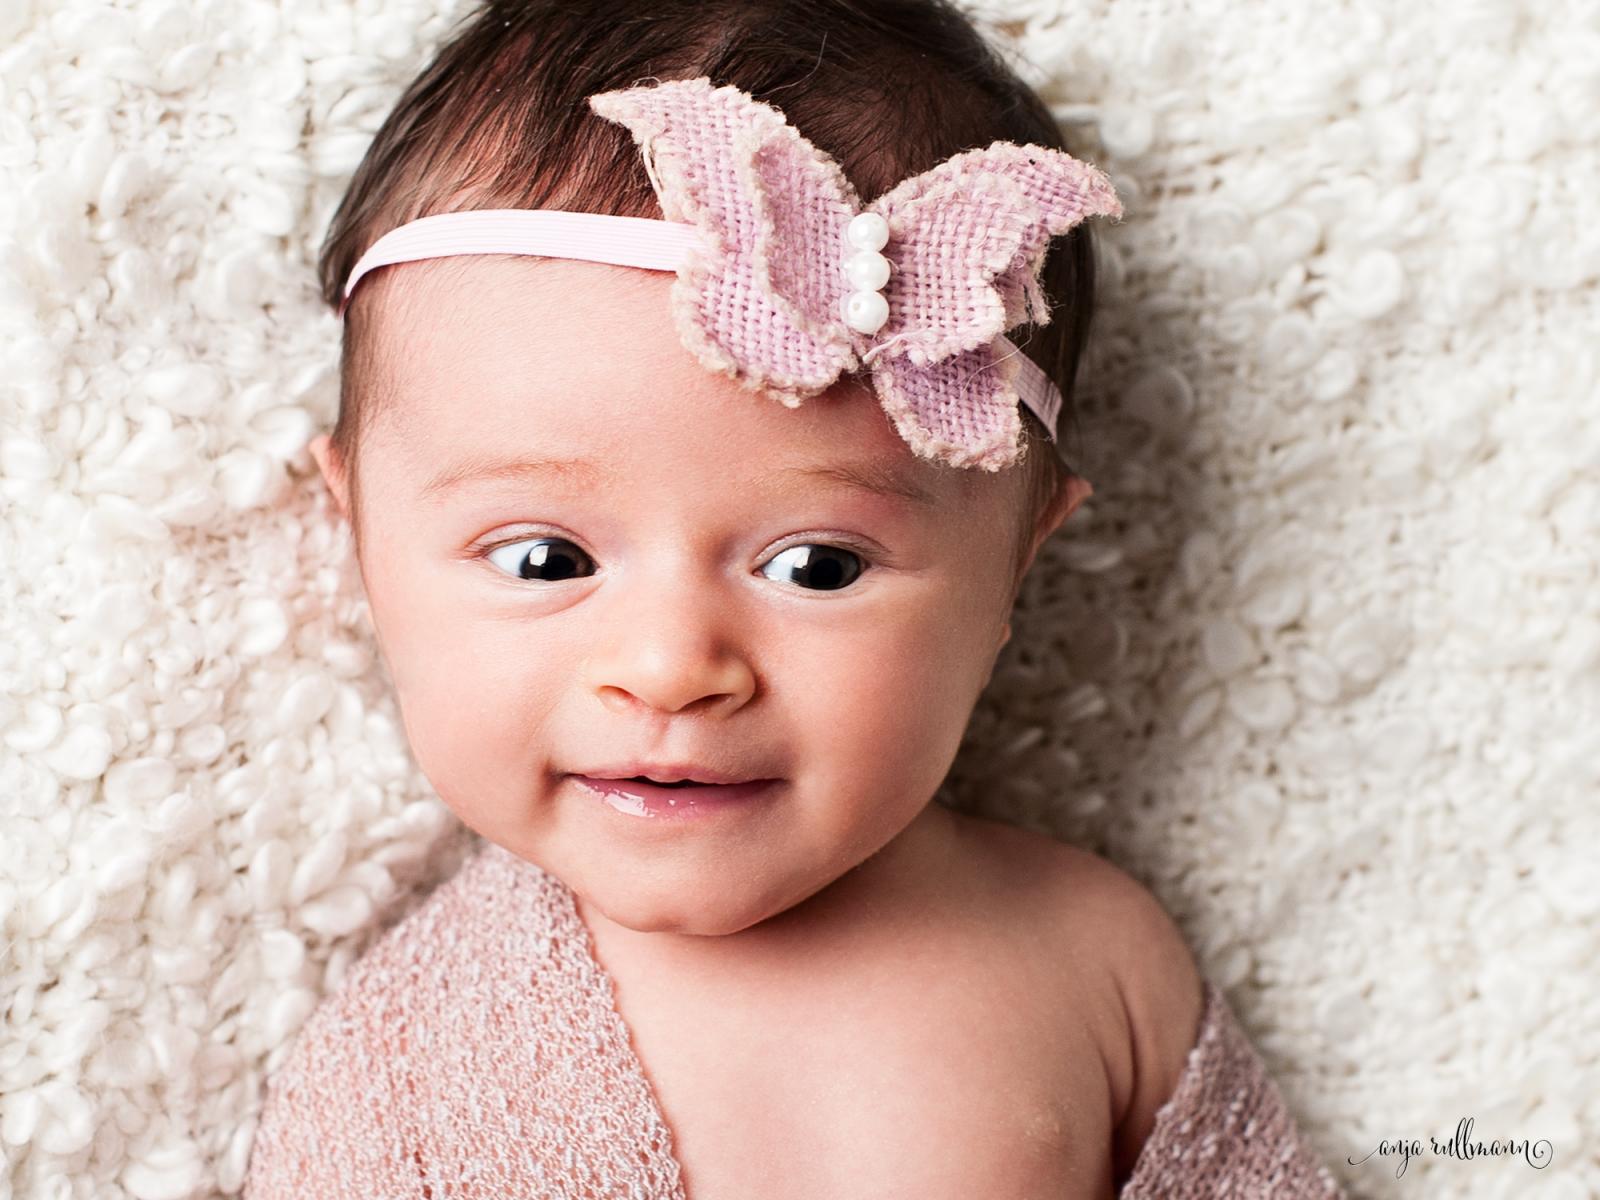 babyfotografinkassel